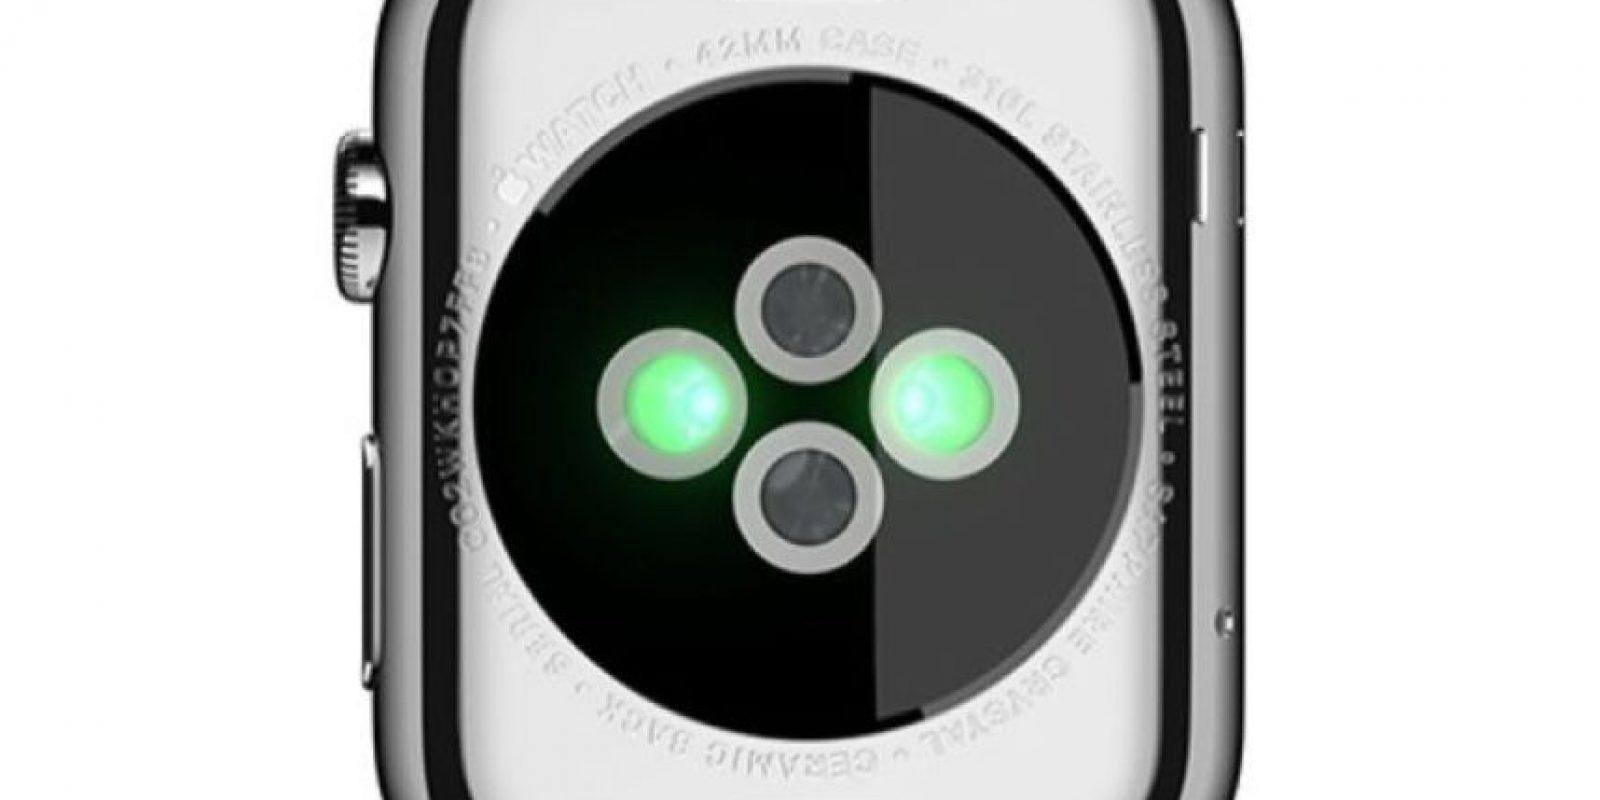 El principal inconveniente sería confusión en los sensores del reloj. Foto:Apple